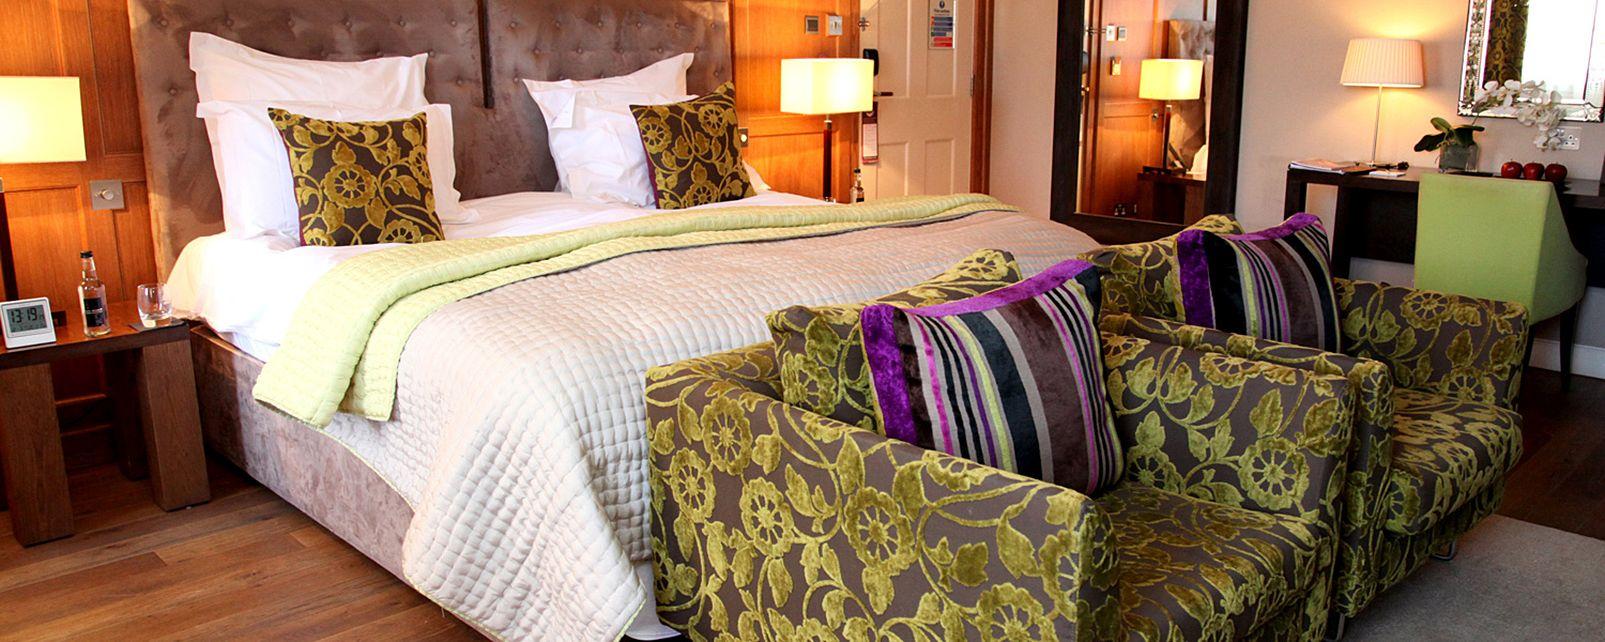 Hotel tigerlily